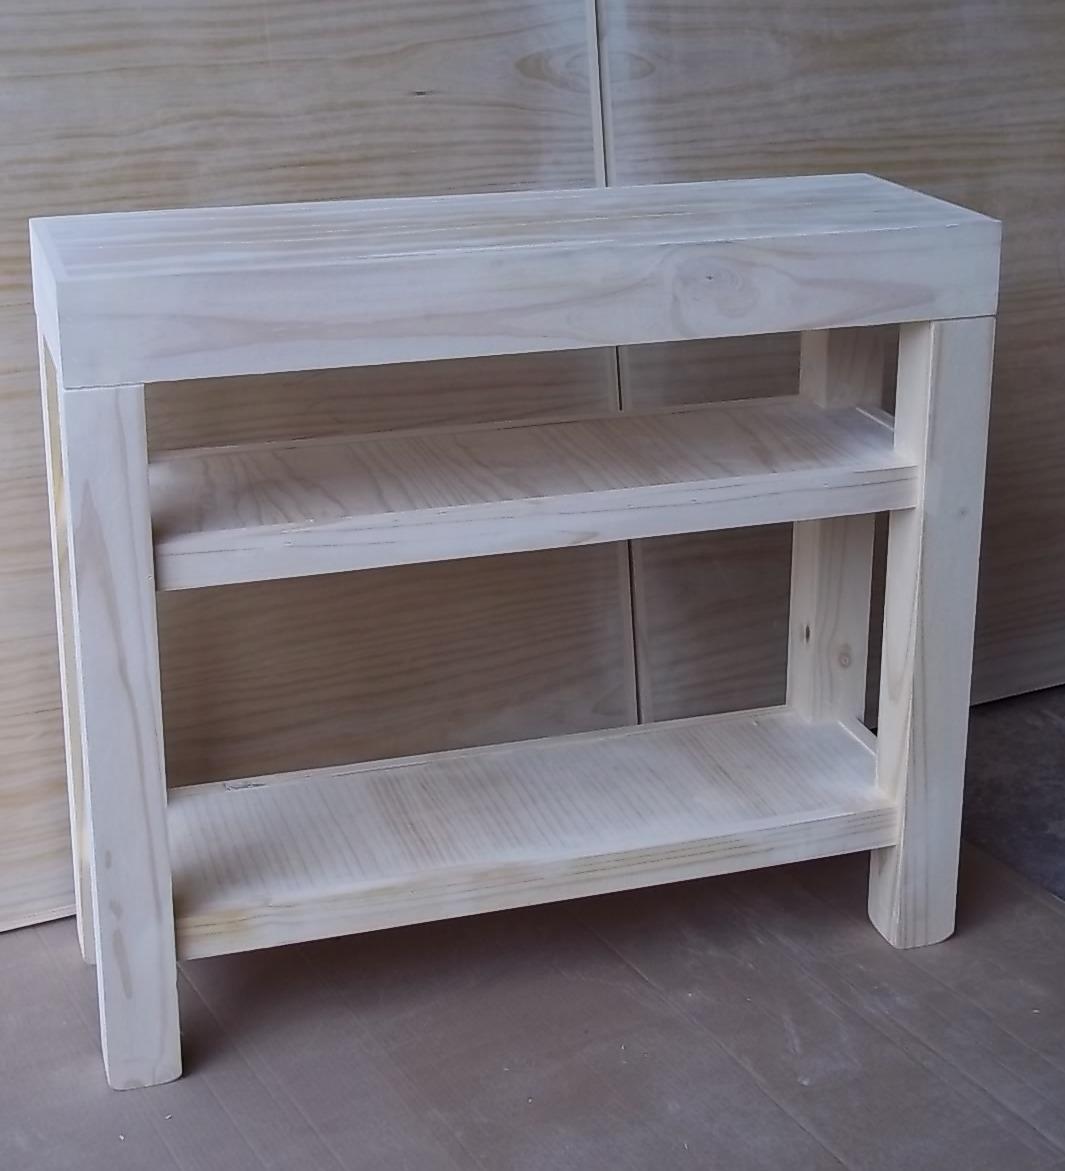 Mesitas de recibidor mesa entrada recibidor madera - Mesa de recibidor ...